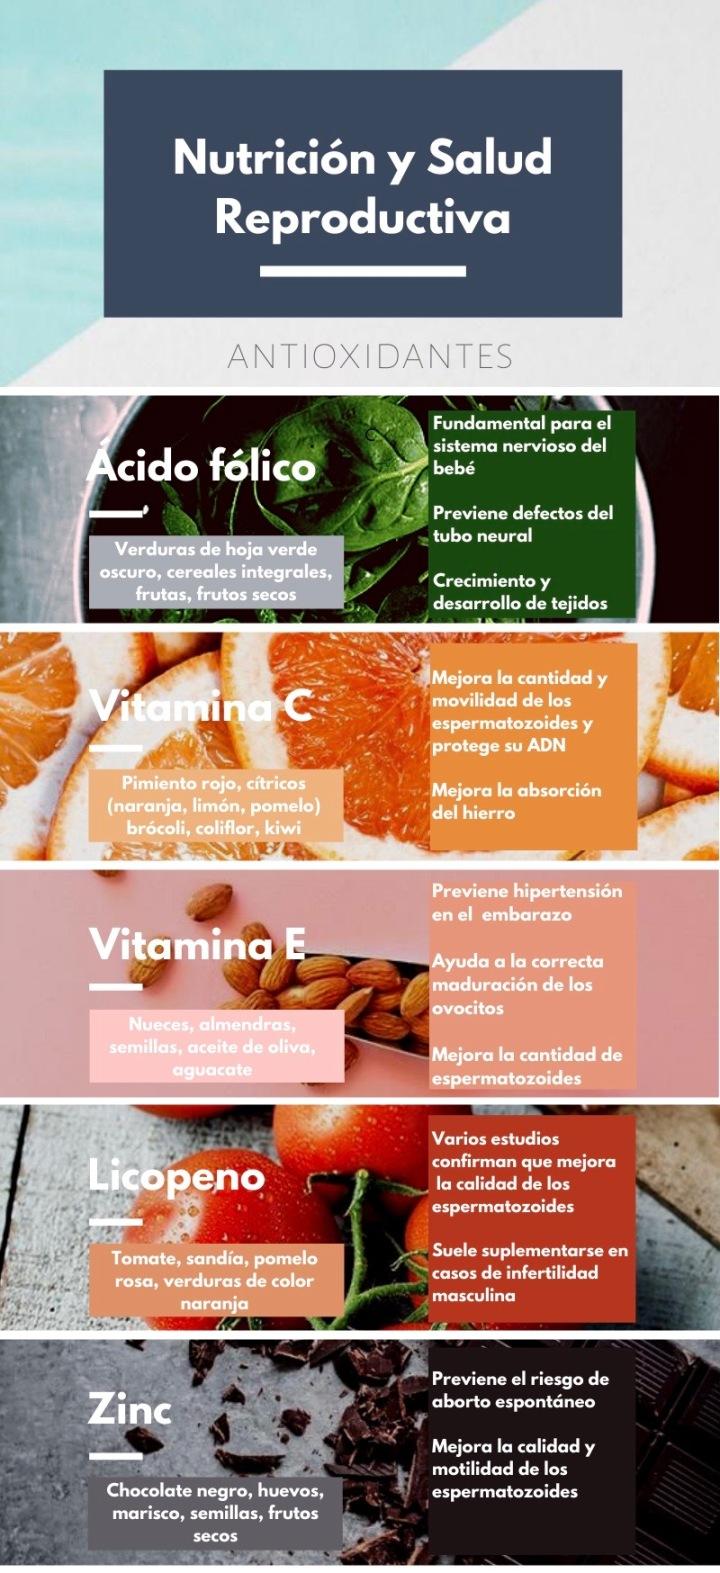 Nutrición y fertilidad: la importancia de losantioxidantes